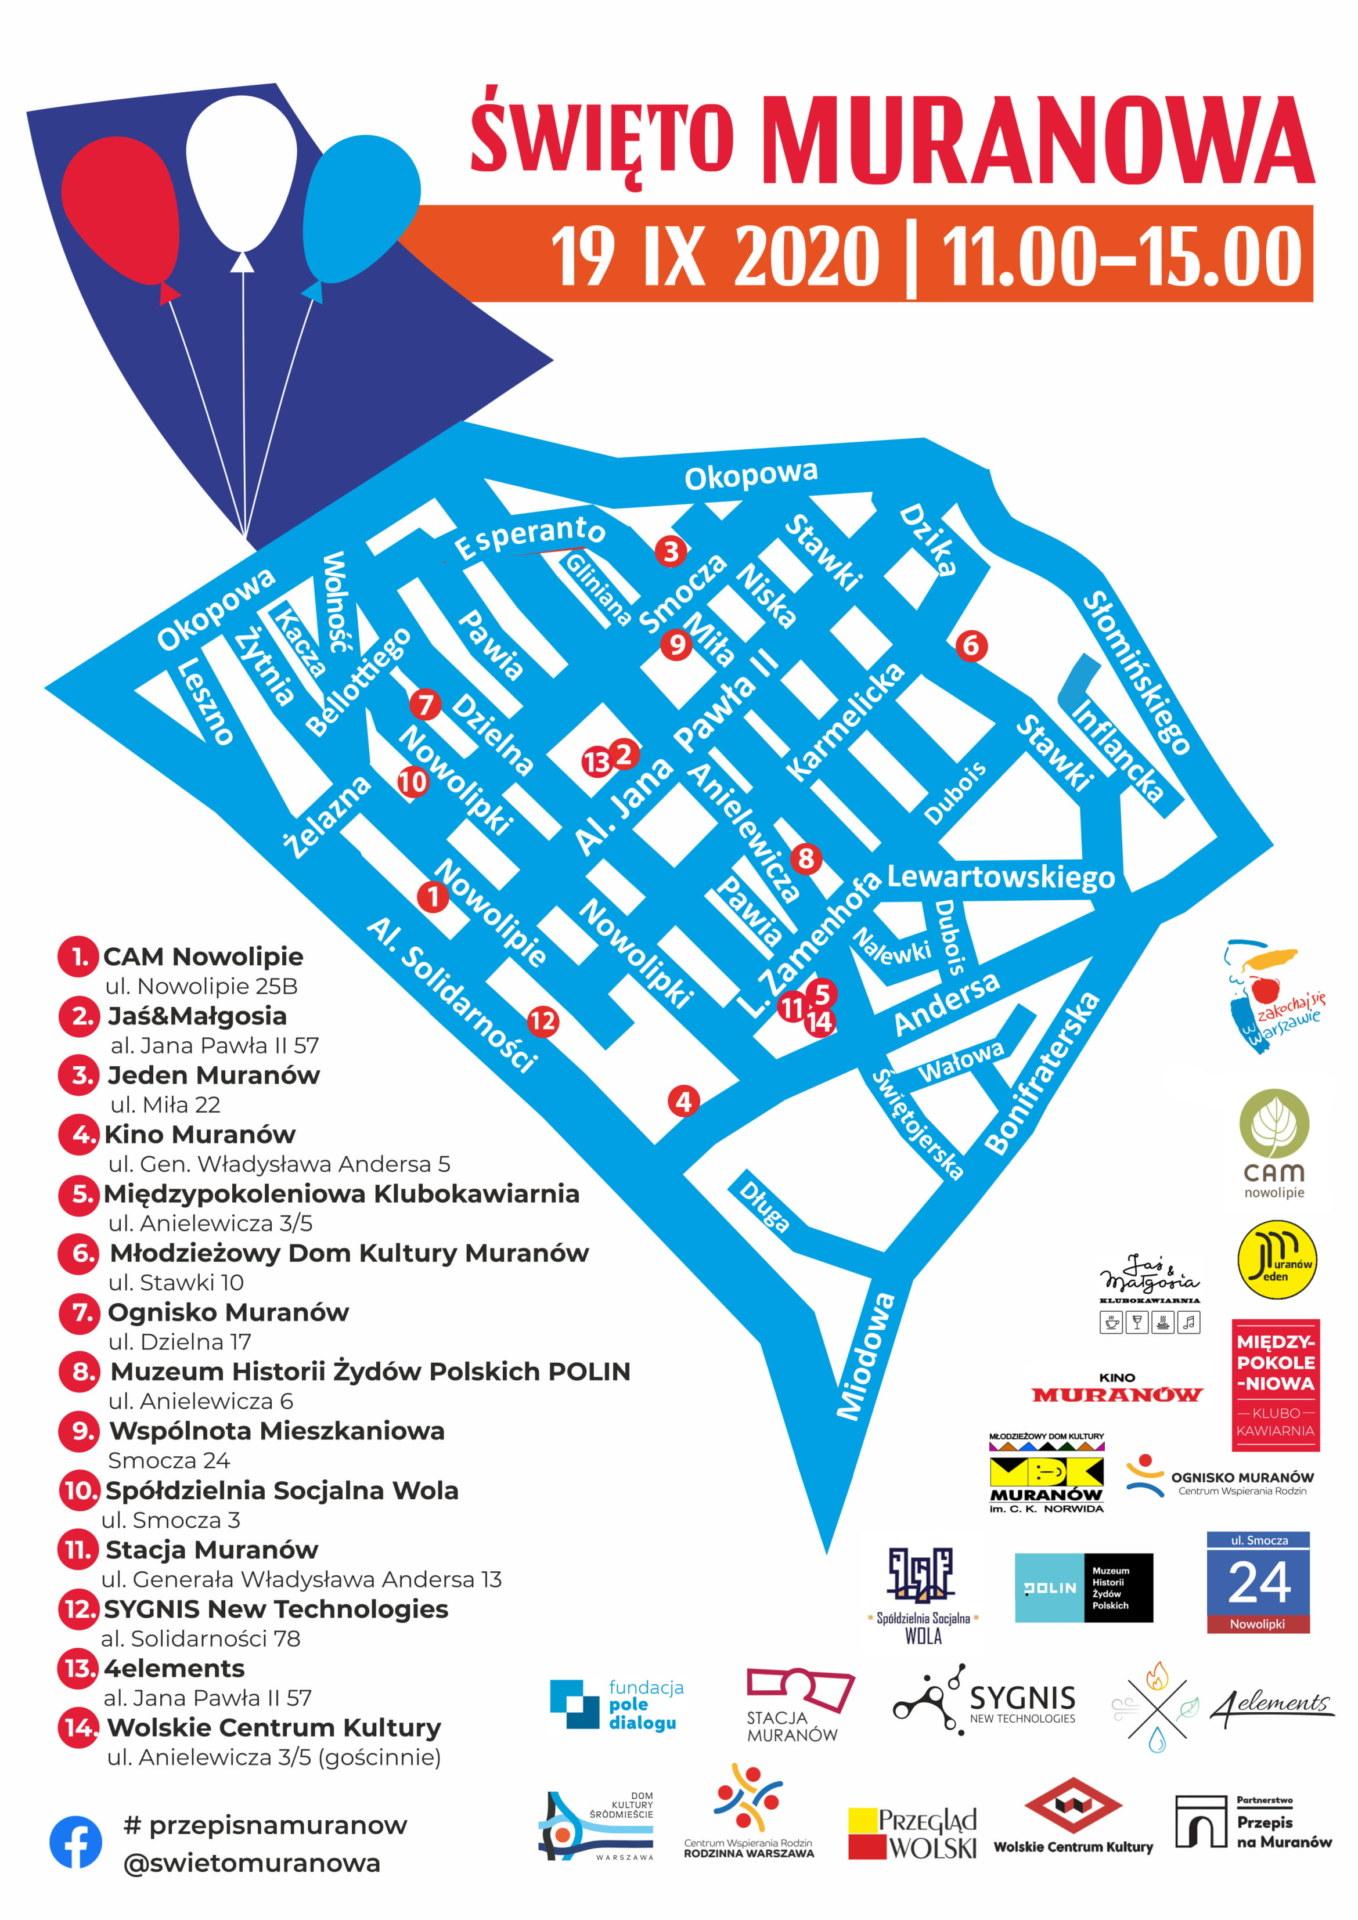 Mapa Osiedla Muranów wraz z listą miejsc biorących udział w Święcie Muranowa.